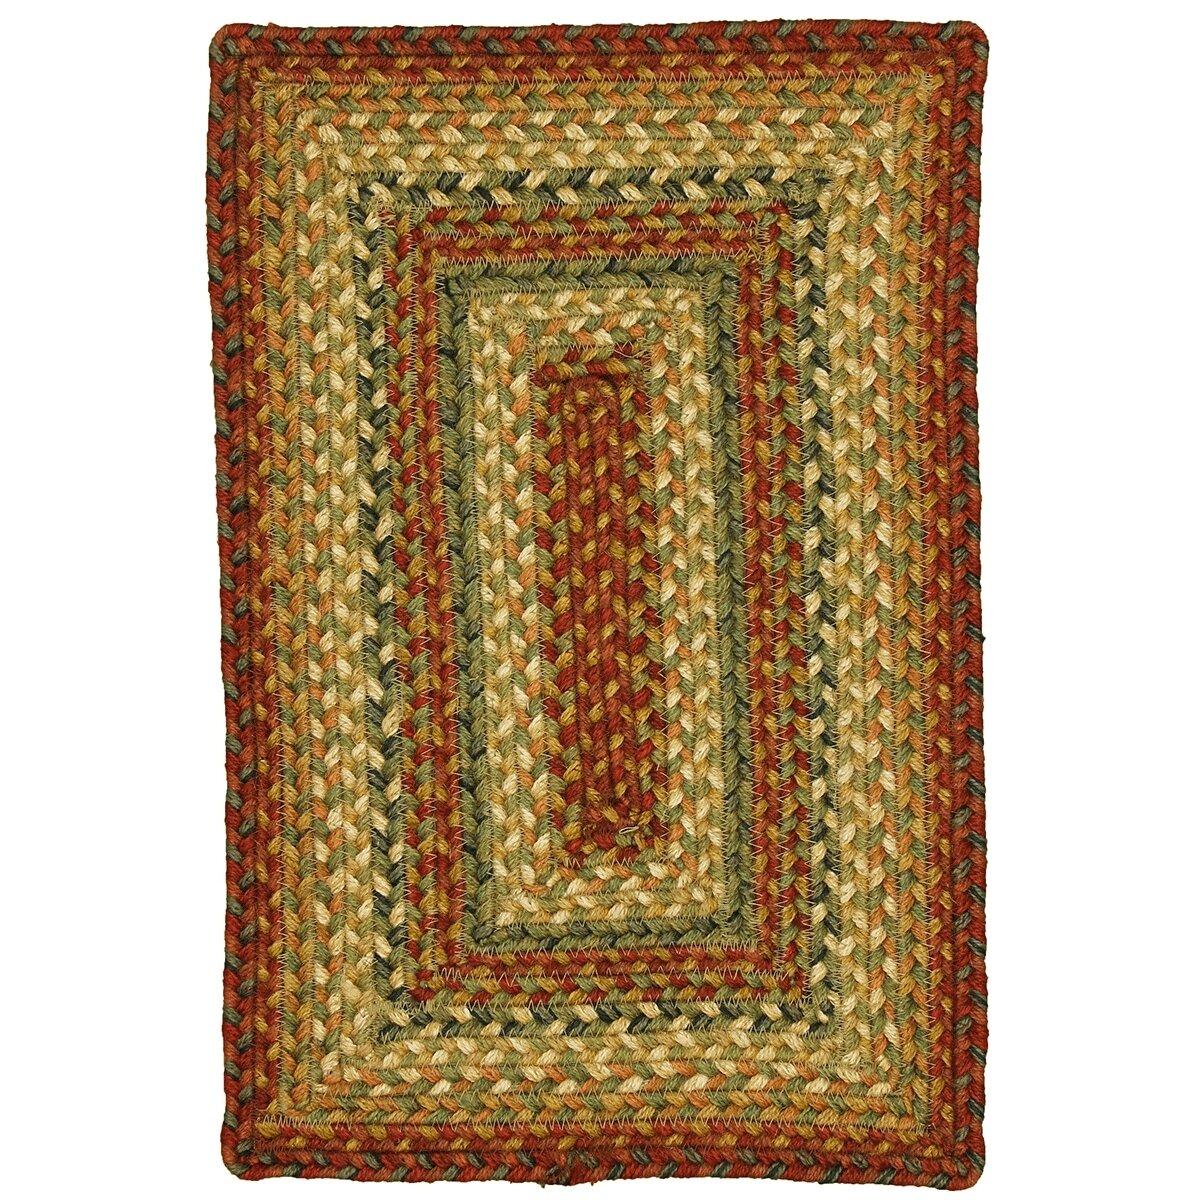 Homespice Decor Graceland Reversible Placemat Wayfair